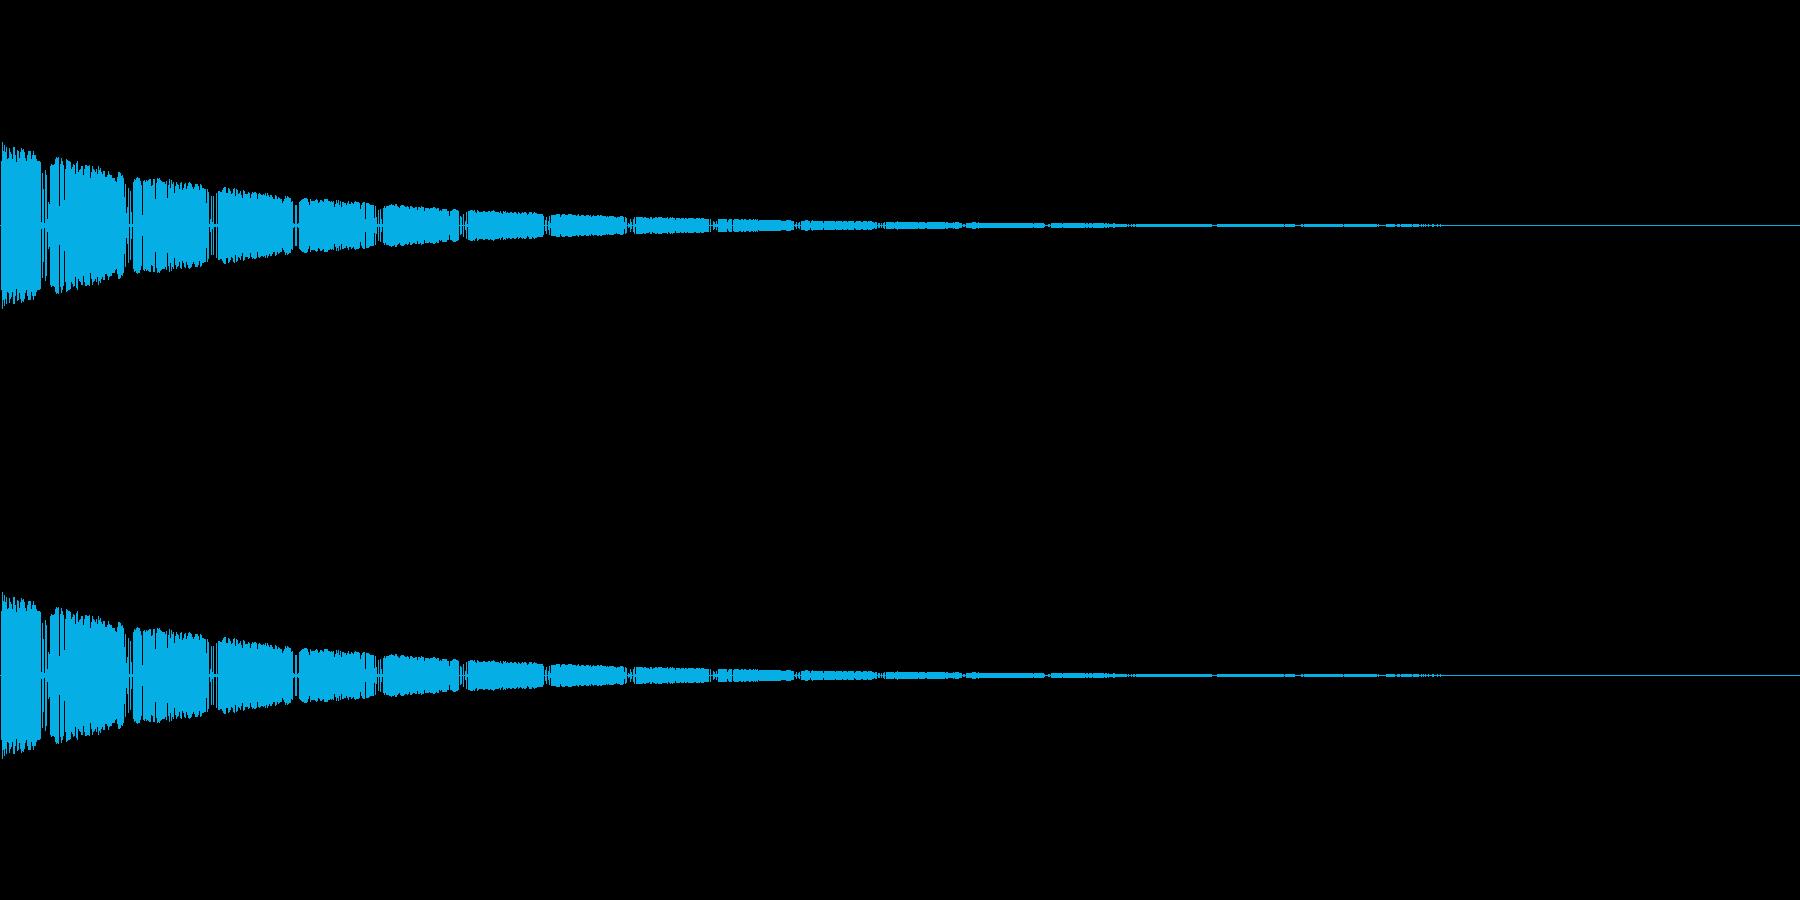 びびびーん(びっくりした効果音)の再生済みの波形